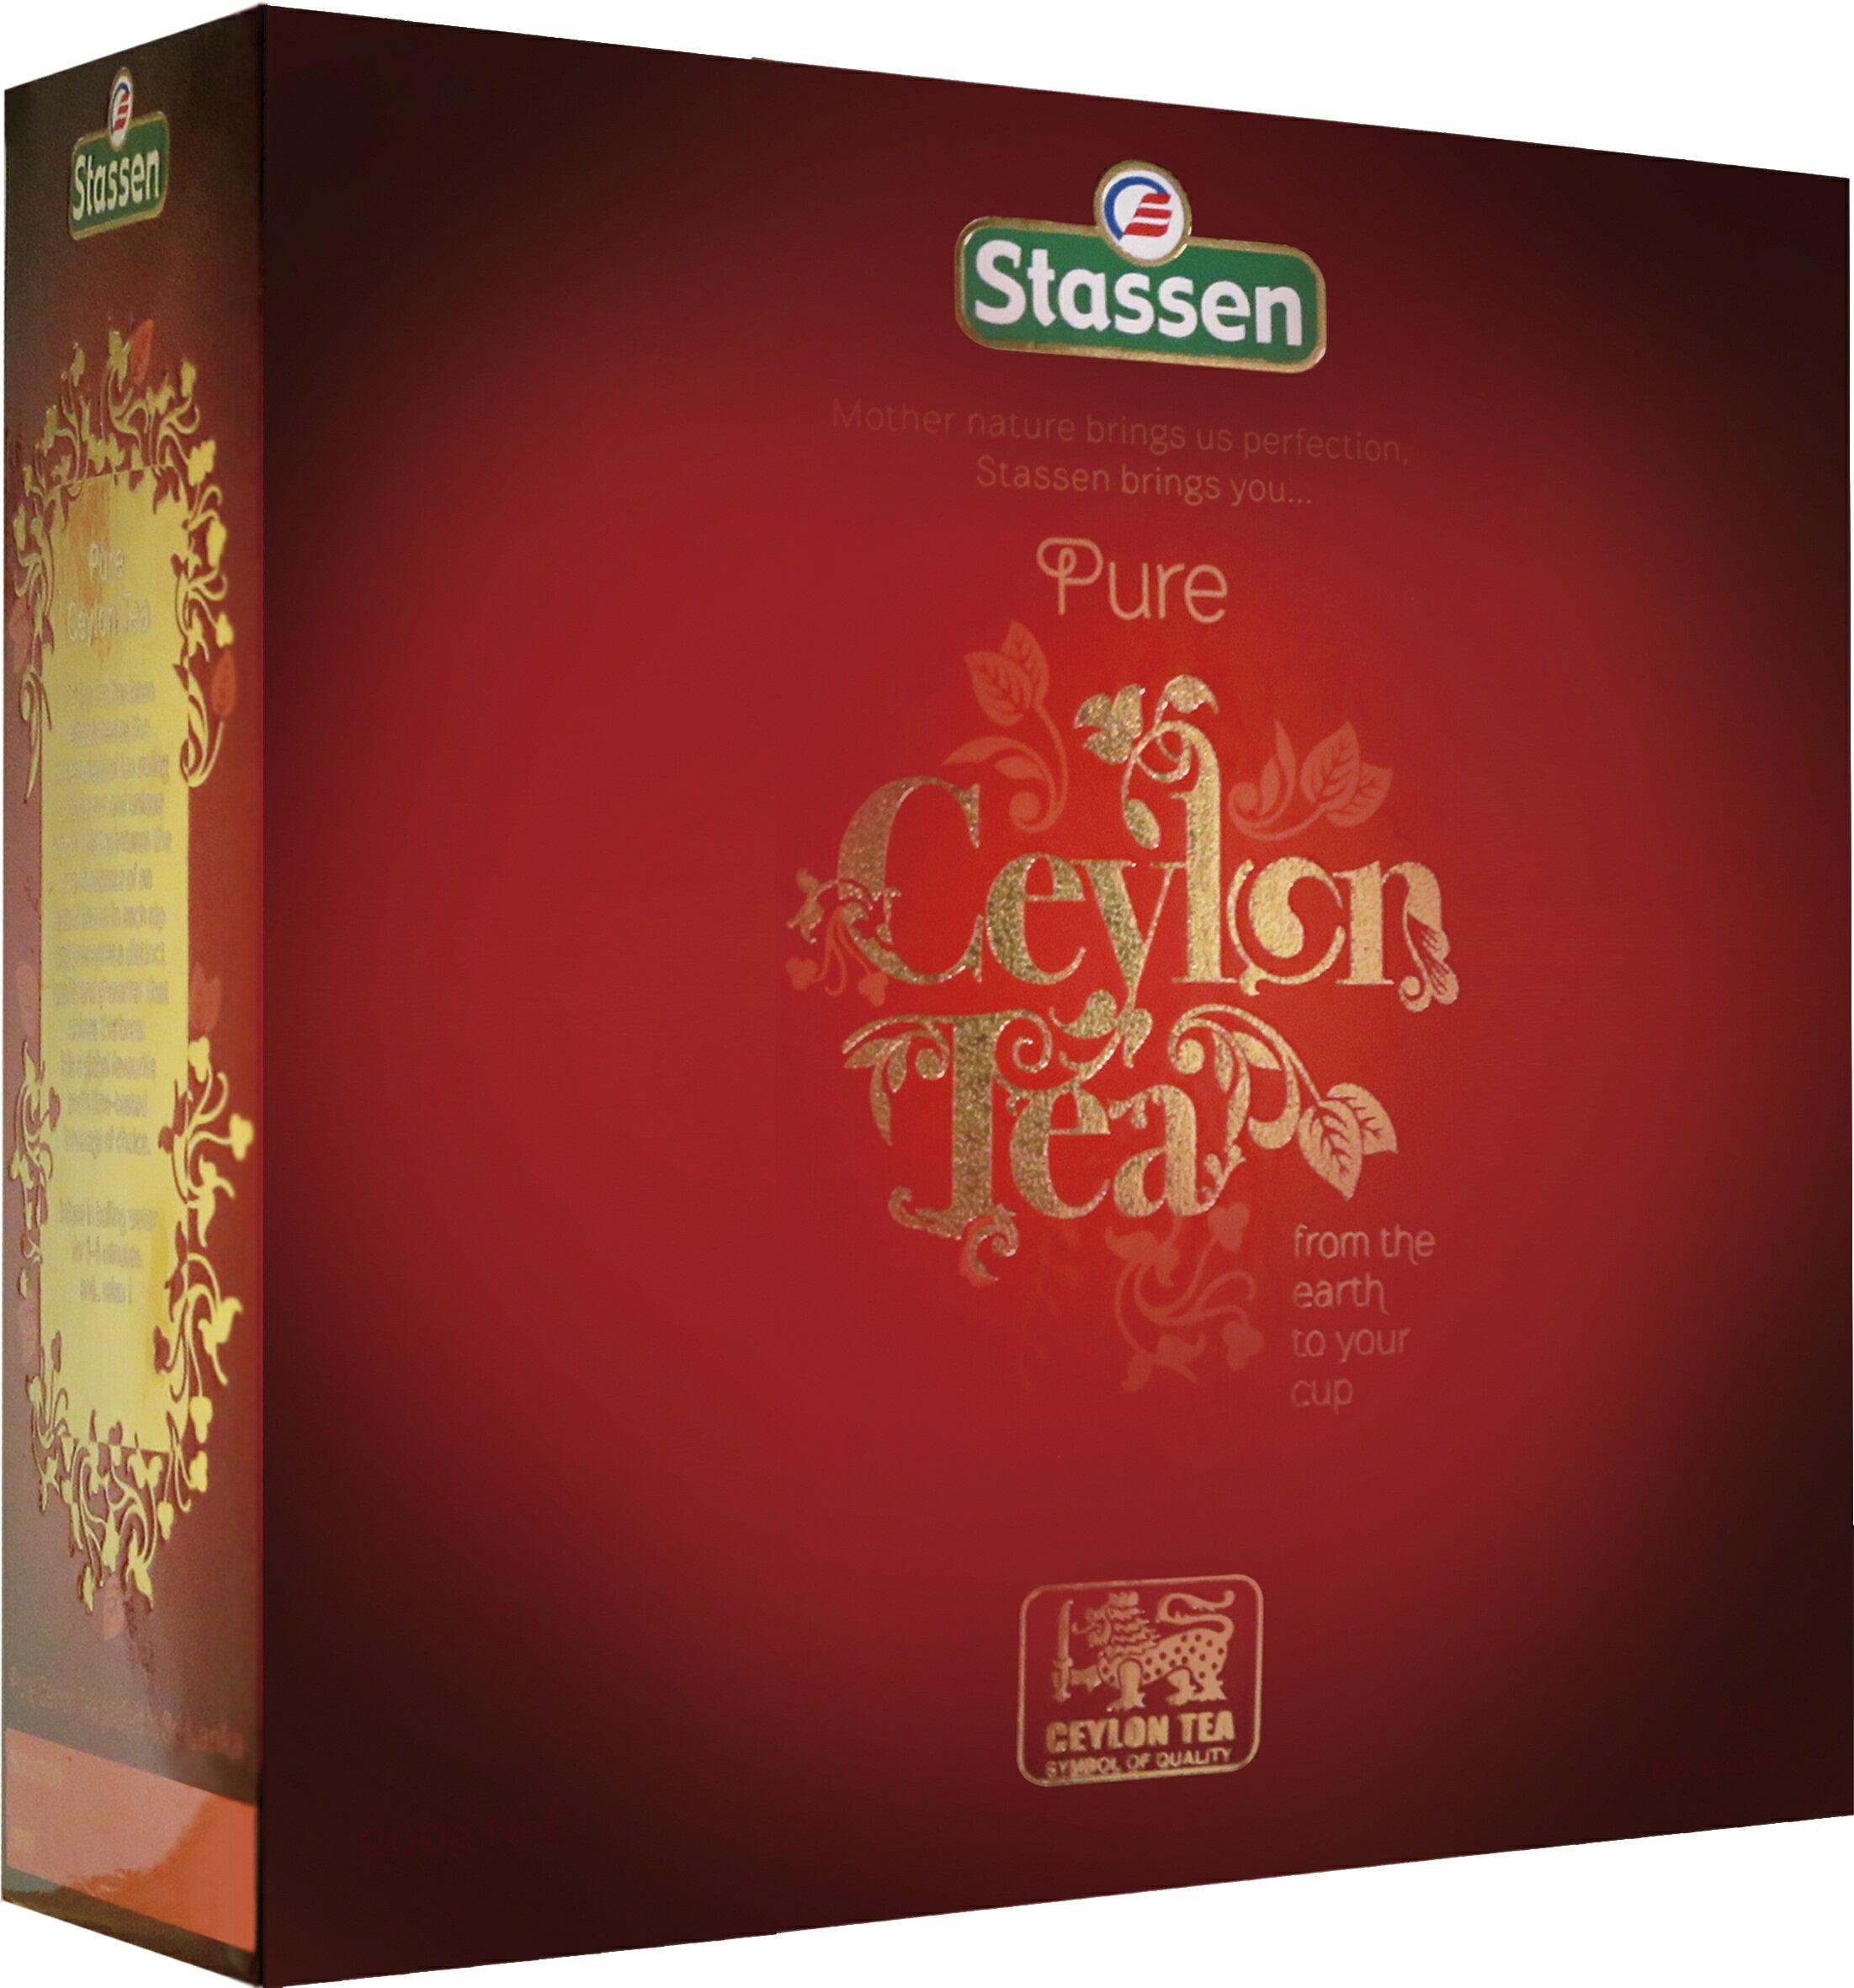 Stassen 司迪生★精選紅茶★【100入*1盒】 0